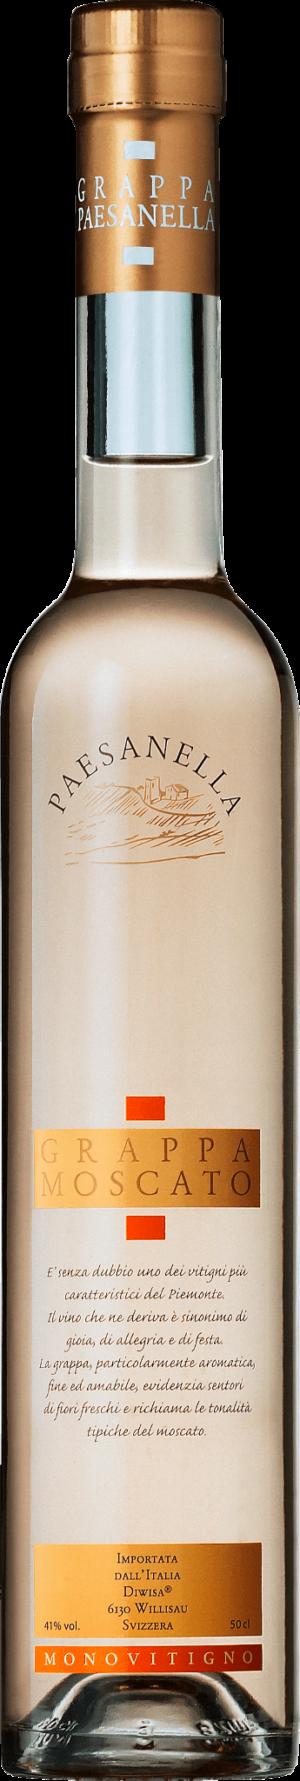 Grappa Moscato Paesanella 41% Vol. 50 cl